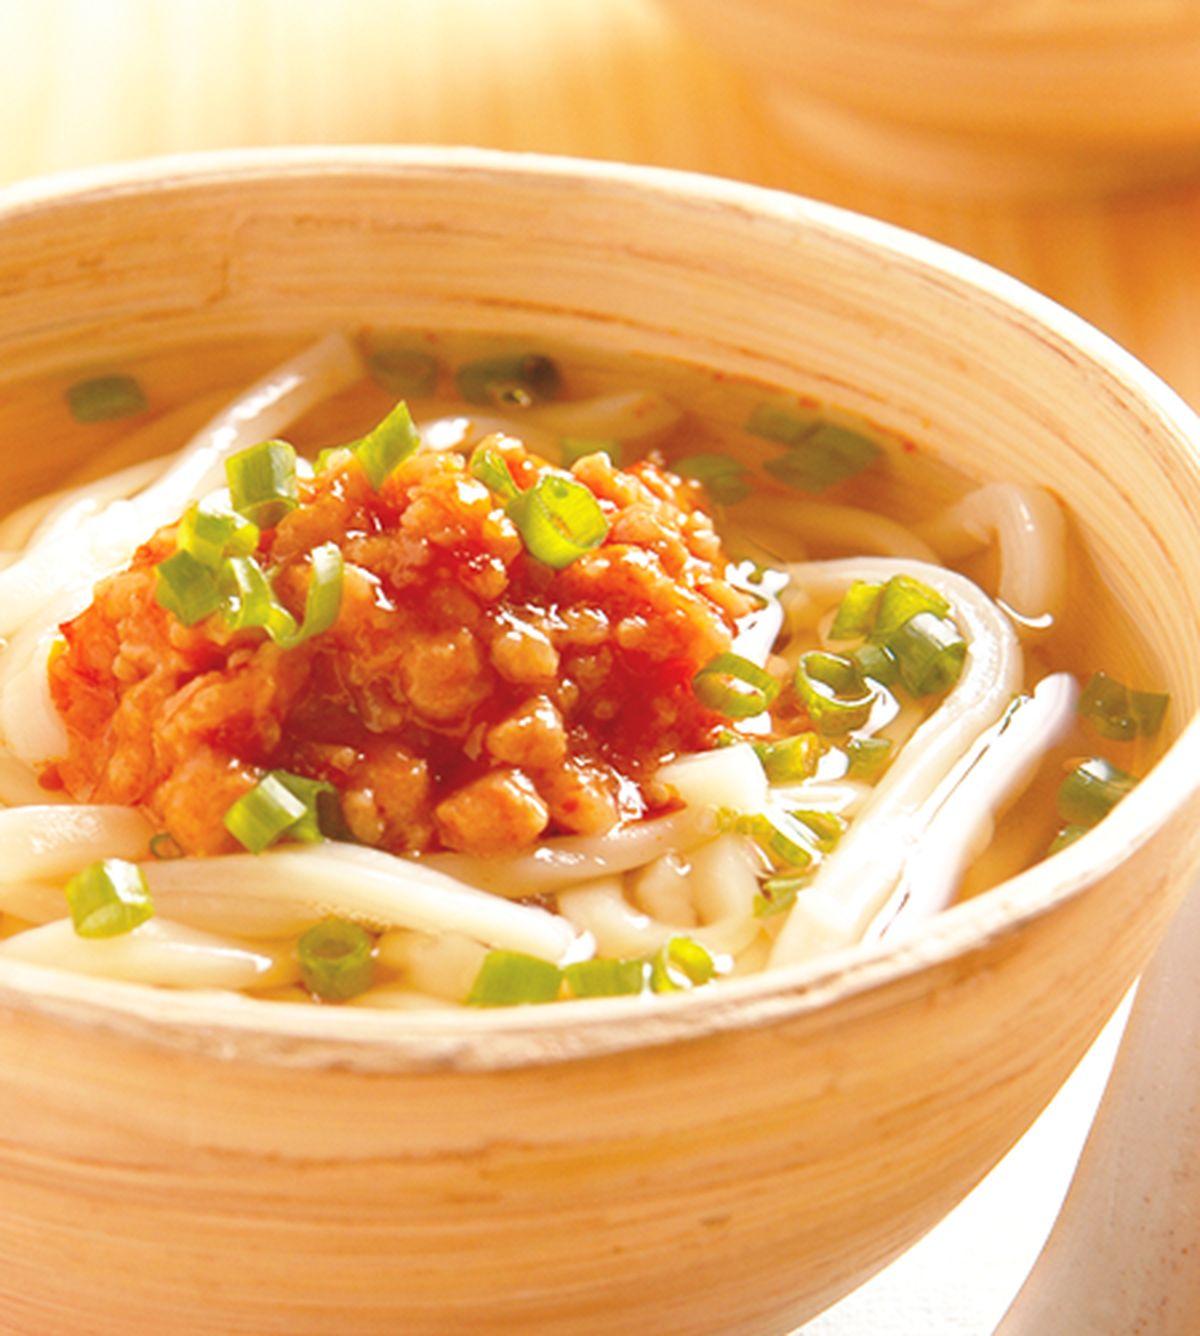 食譜:辛口味噌烏龍湯麵